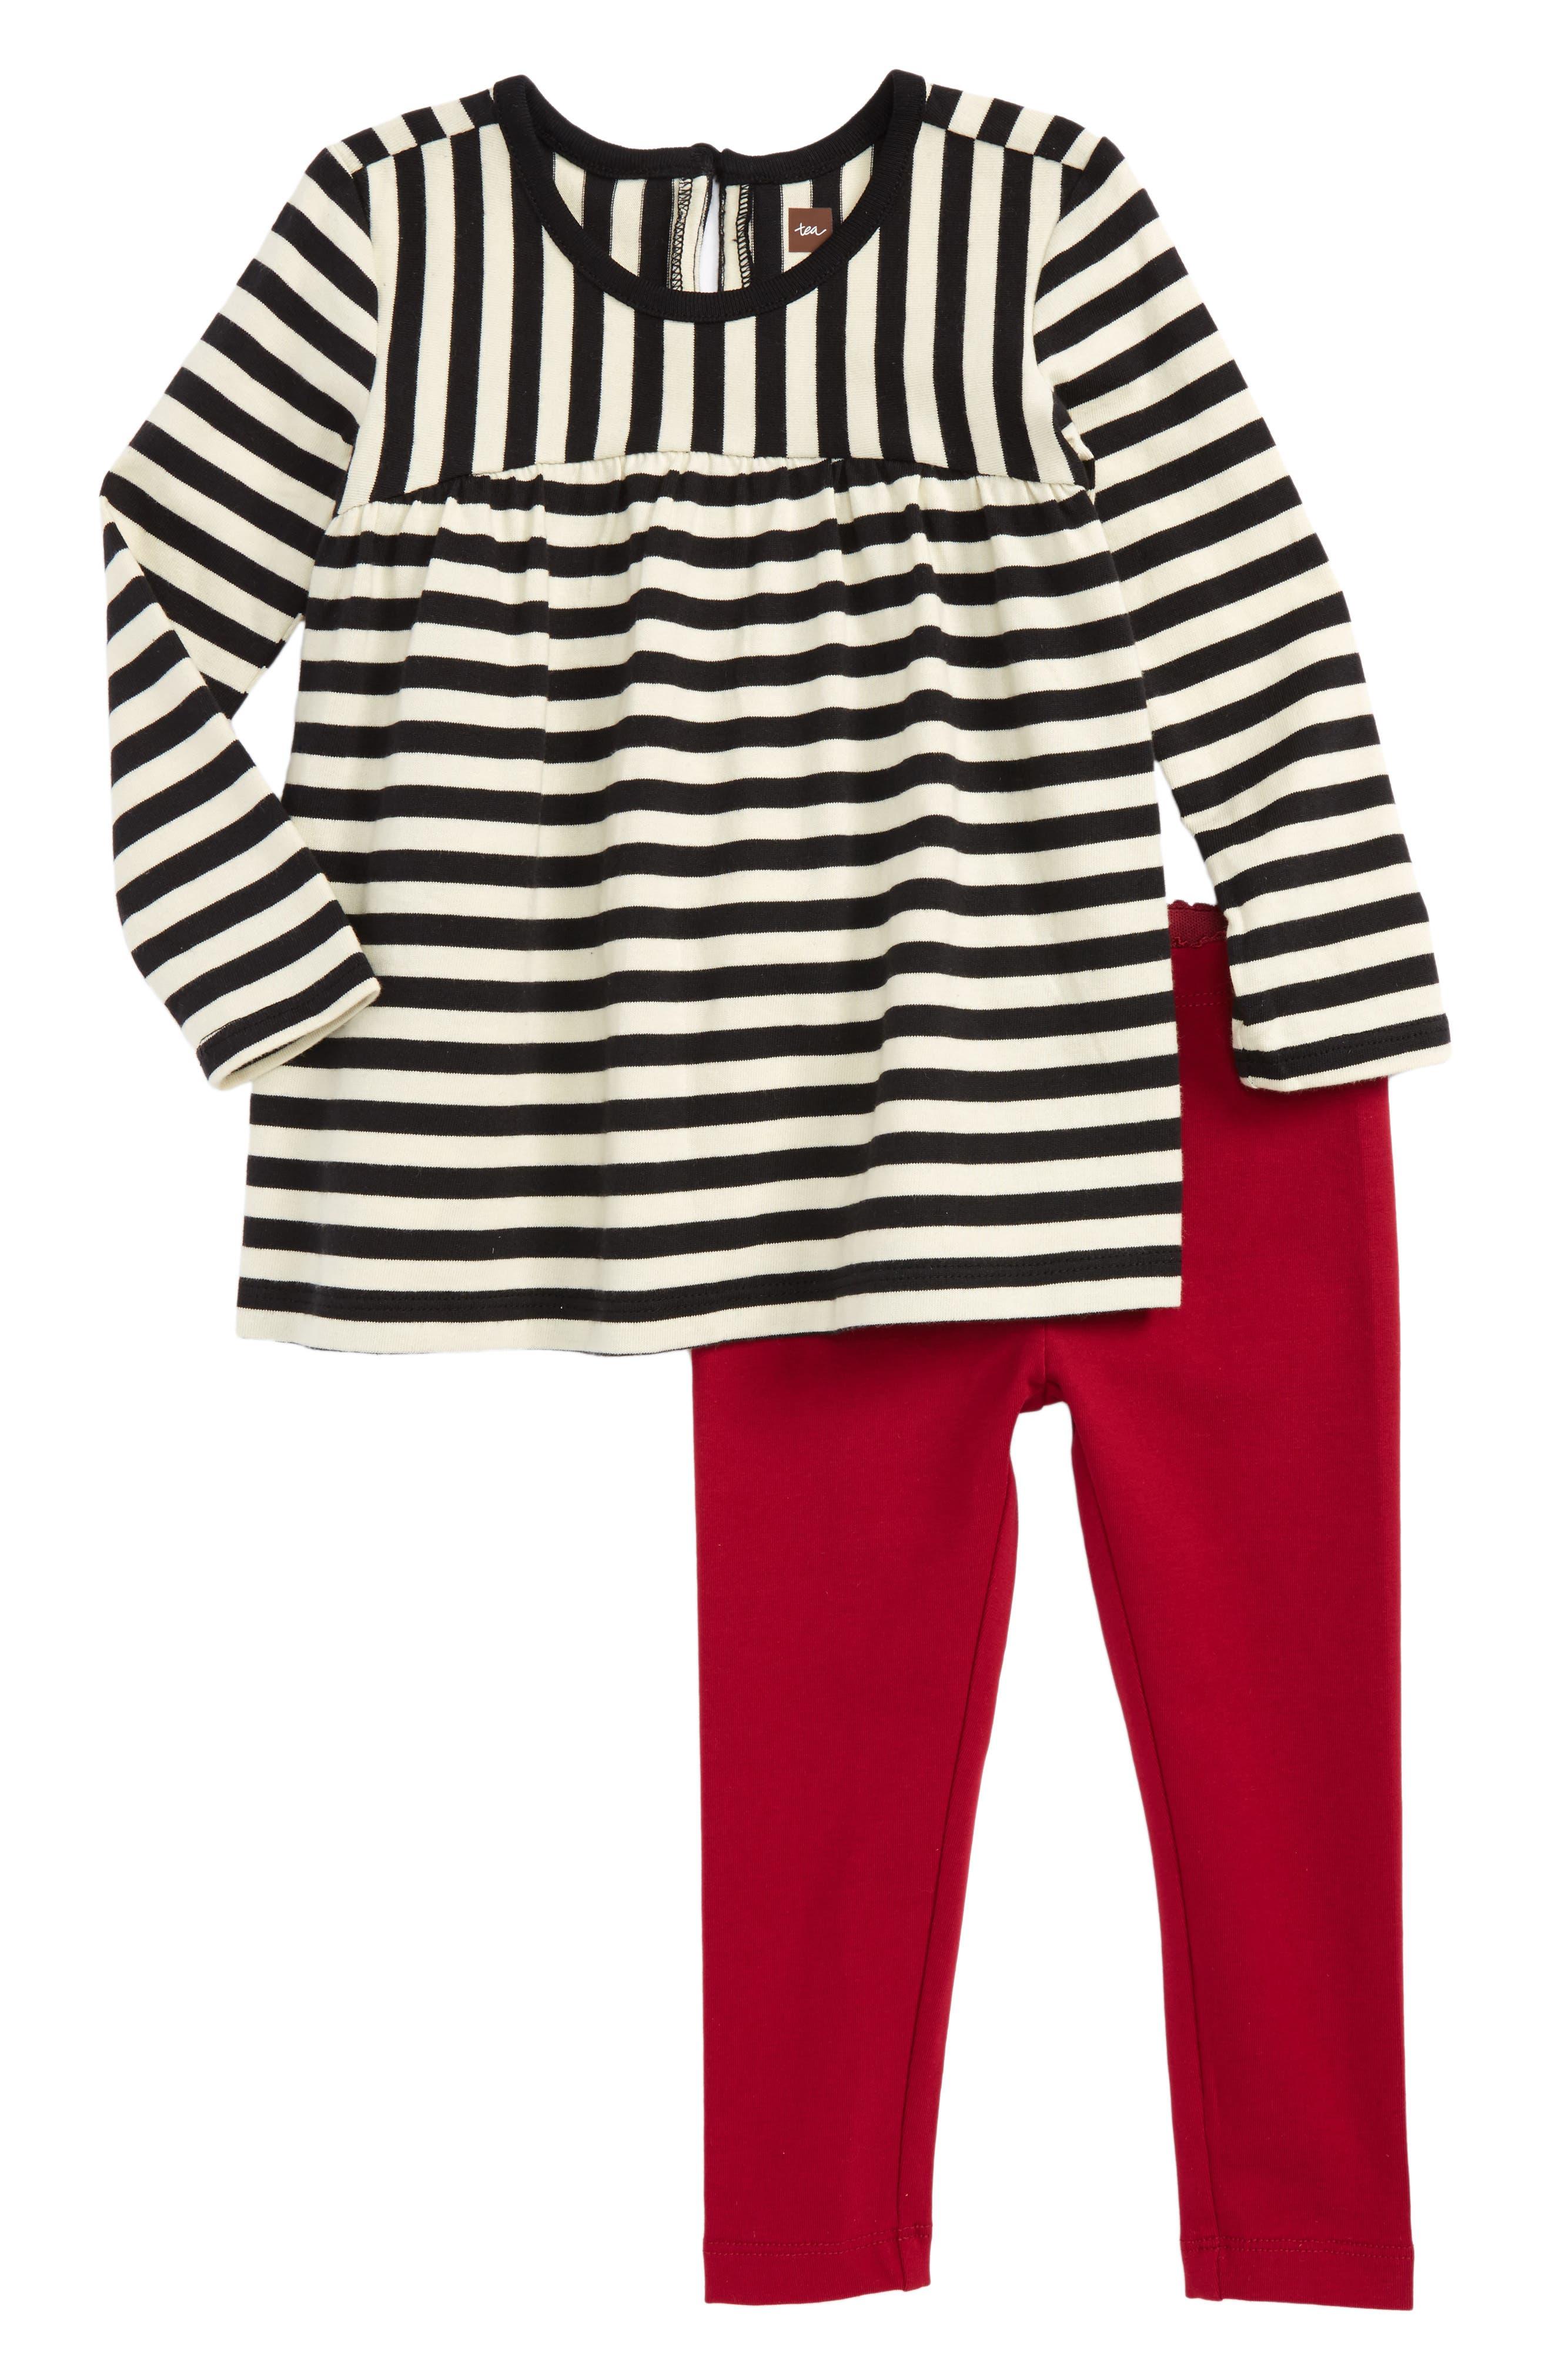 Alternate Image 1 Selected - Tea Collection Jura Stripe Top & Leggings Set (Baby Girls & Toddler Girls)